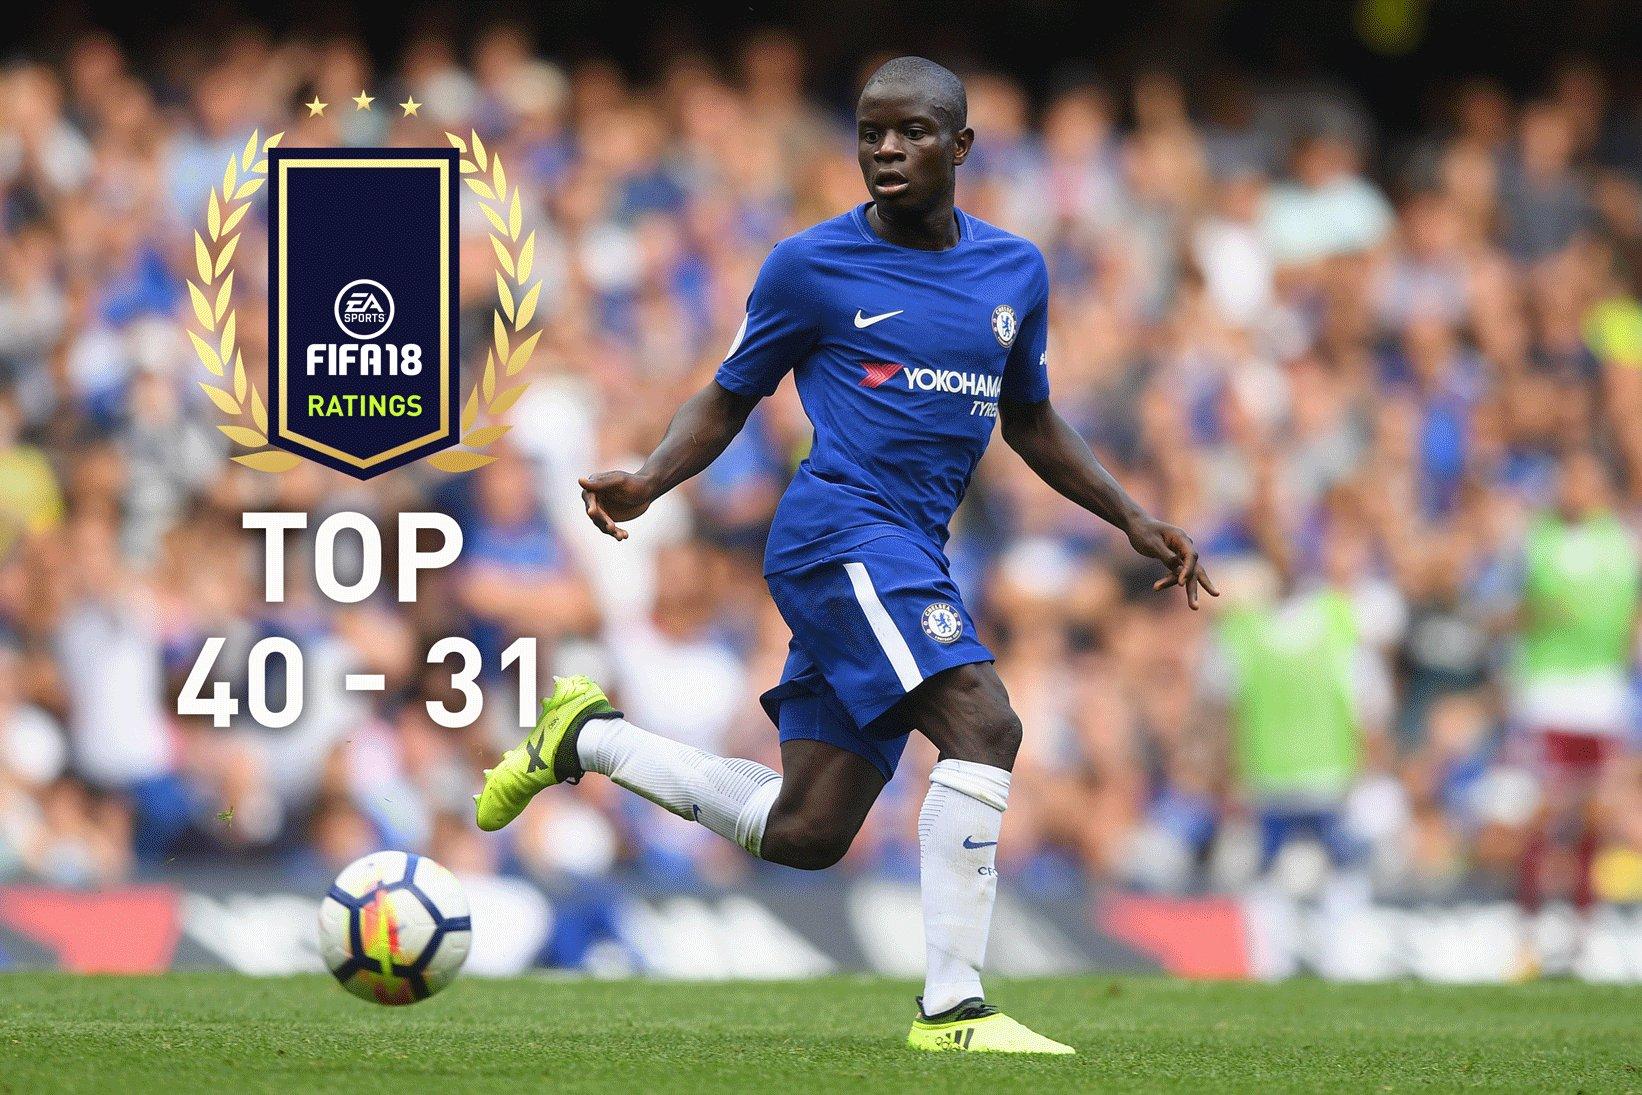 FIFA 18 Spielerwerte – Die Ratings Top 40-31